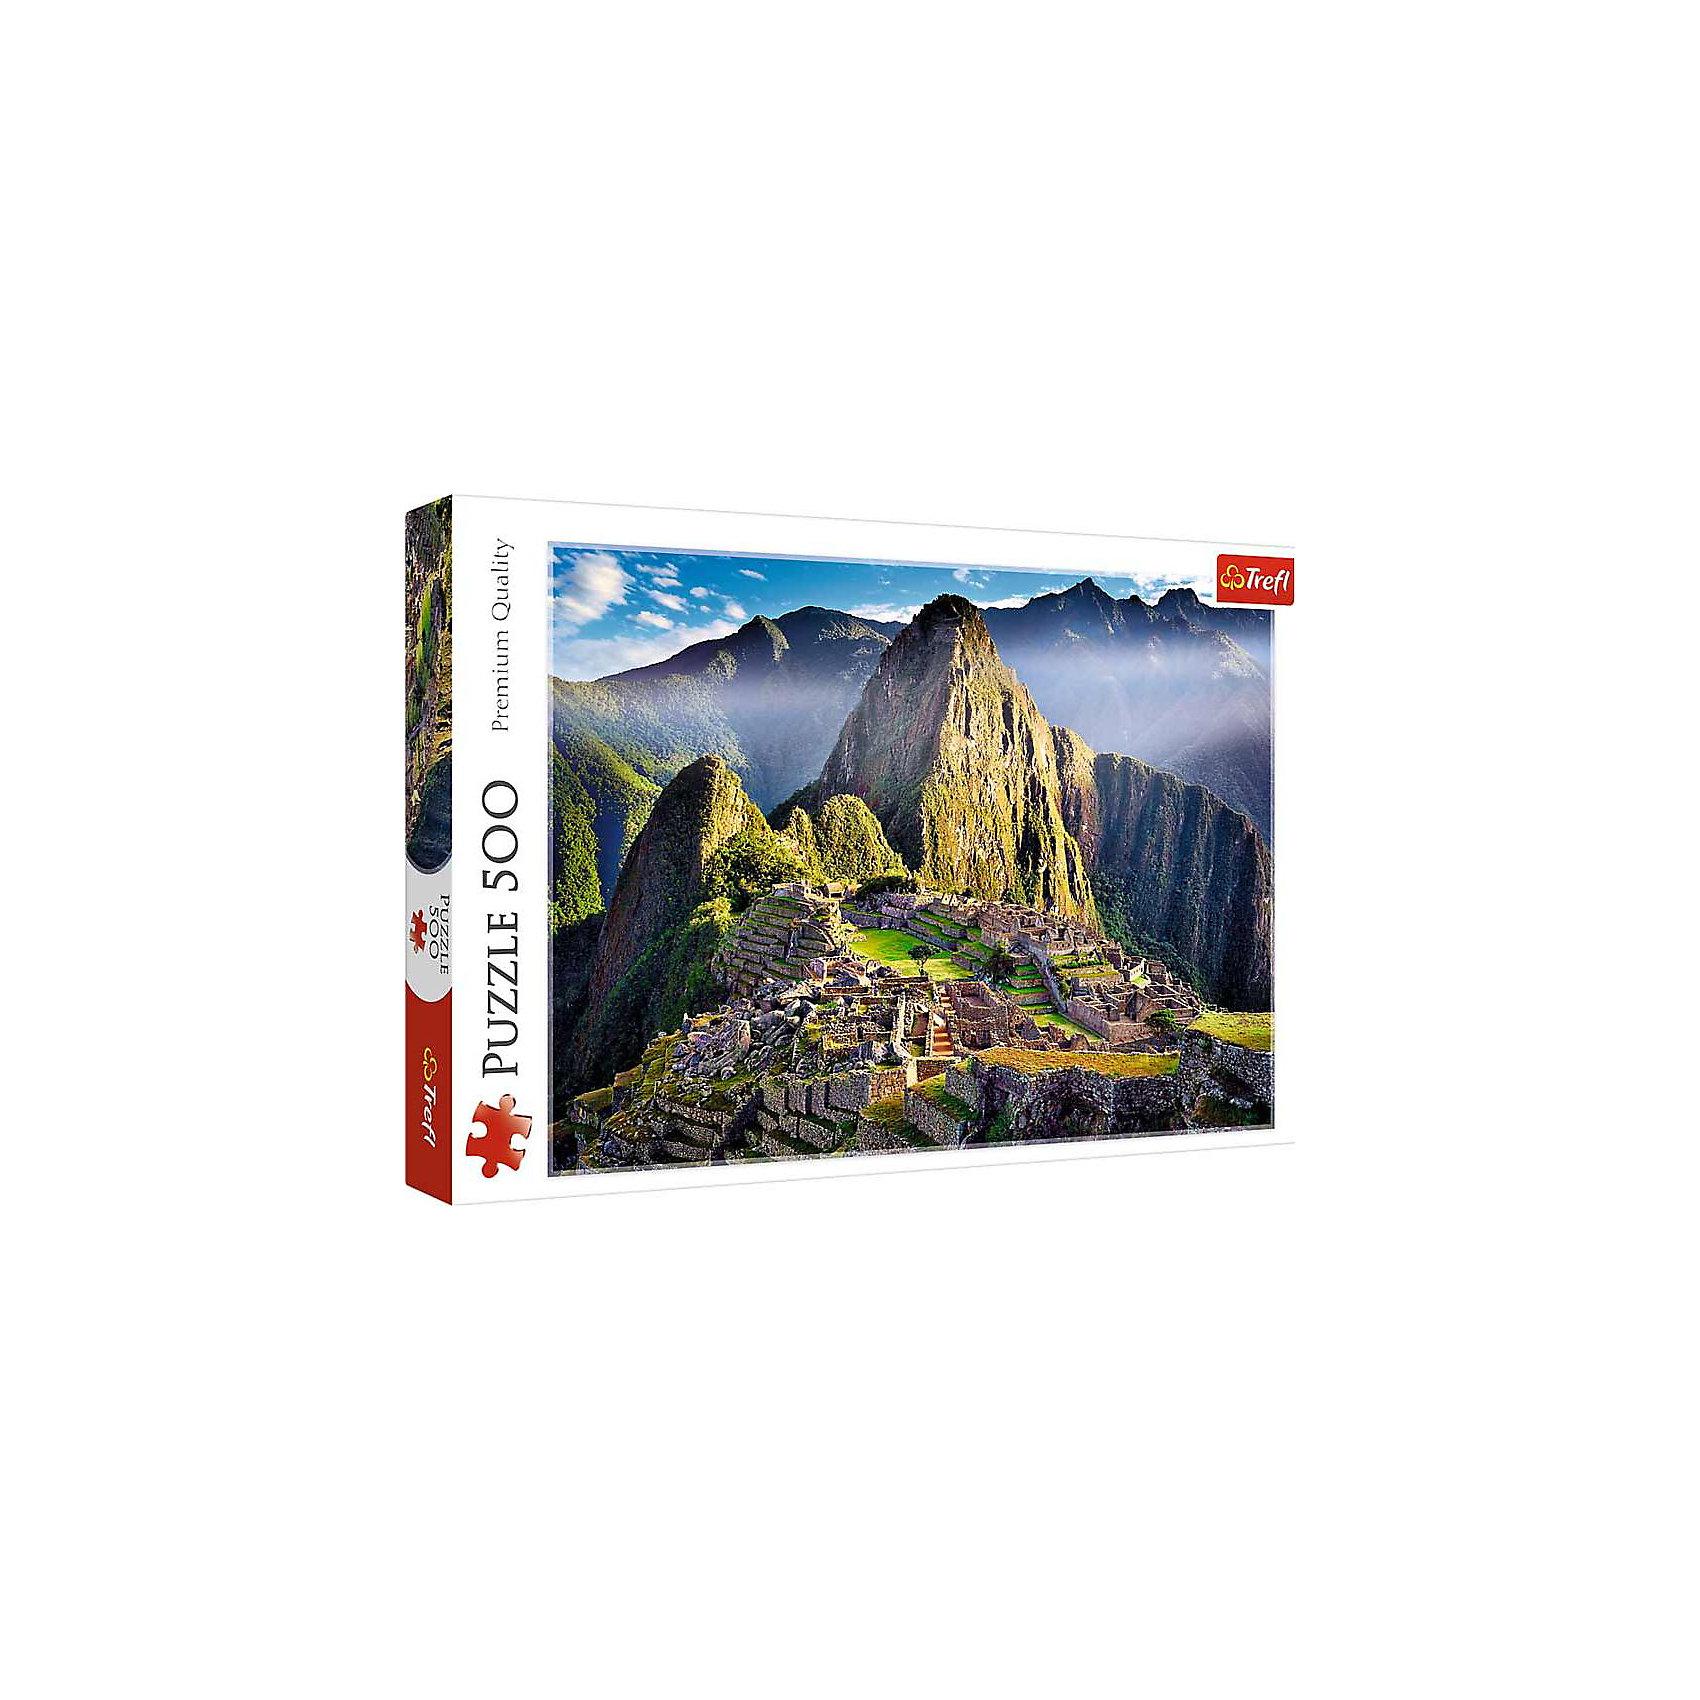 Пазл «Старинное святилище Мачу-Пикчу», 500 деталей, TreflКлассические пазлы<br>Характеристики товара:<br><br>• возраст от 10 лет;<br>• материал: картон;<br>• в наборе: 500 элементов;<br>• размер пазла 48х34 см;<br>• размер упаковки 40х27х4,5 см;<br>• вес упаковки 500 гр.;<br>• страна производитель Польша.<br><br>Пазл «Старинное святилище Мачу-Пикчу» Trefl изображает древний город инков, скрытый между высокими скалами. Собирание пазла — увлекательное занятие, которое развивает логическое мышление, внимательность к деталям, усидчивость. Элементы изготовлены из качественного каландрированного картона с антибликовым покрытием.<br><br>Пазл «Старинное святилище Мачу-Пикчу» Trefl можно приобрести в нашем интернет-магазине.<br><br>Ширина мм: 410<br>Глубина мм: 378<br>Высота мм: 266<br>Вес г: 500<br>Возраст от месяцев: 120<br>Возраст до месяцев: 2147483647<br>Пол: Унисекс<br>Возраст: Детский<br>SKU: 5578473